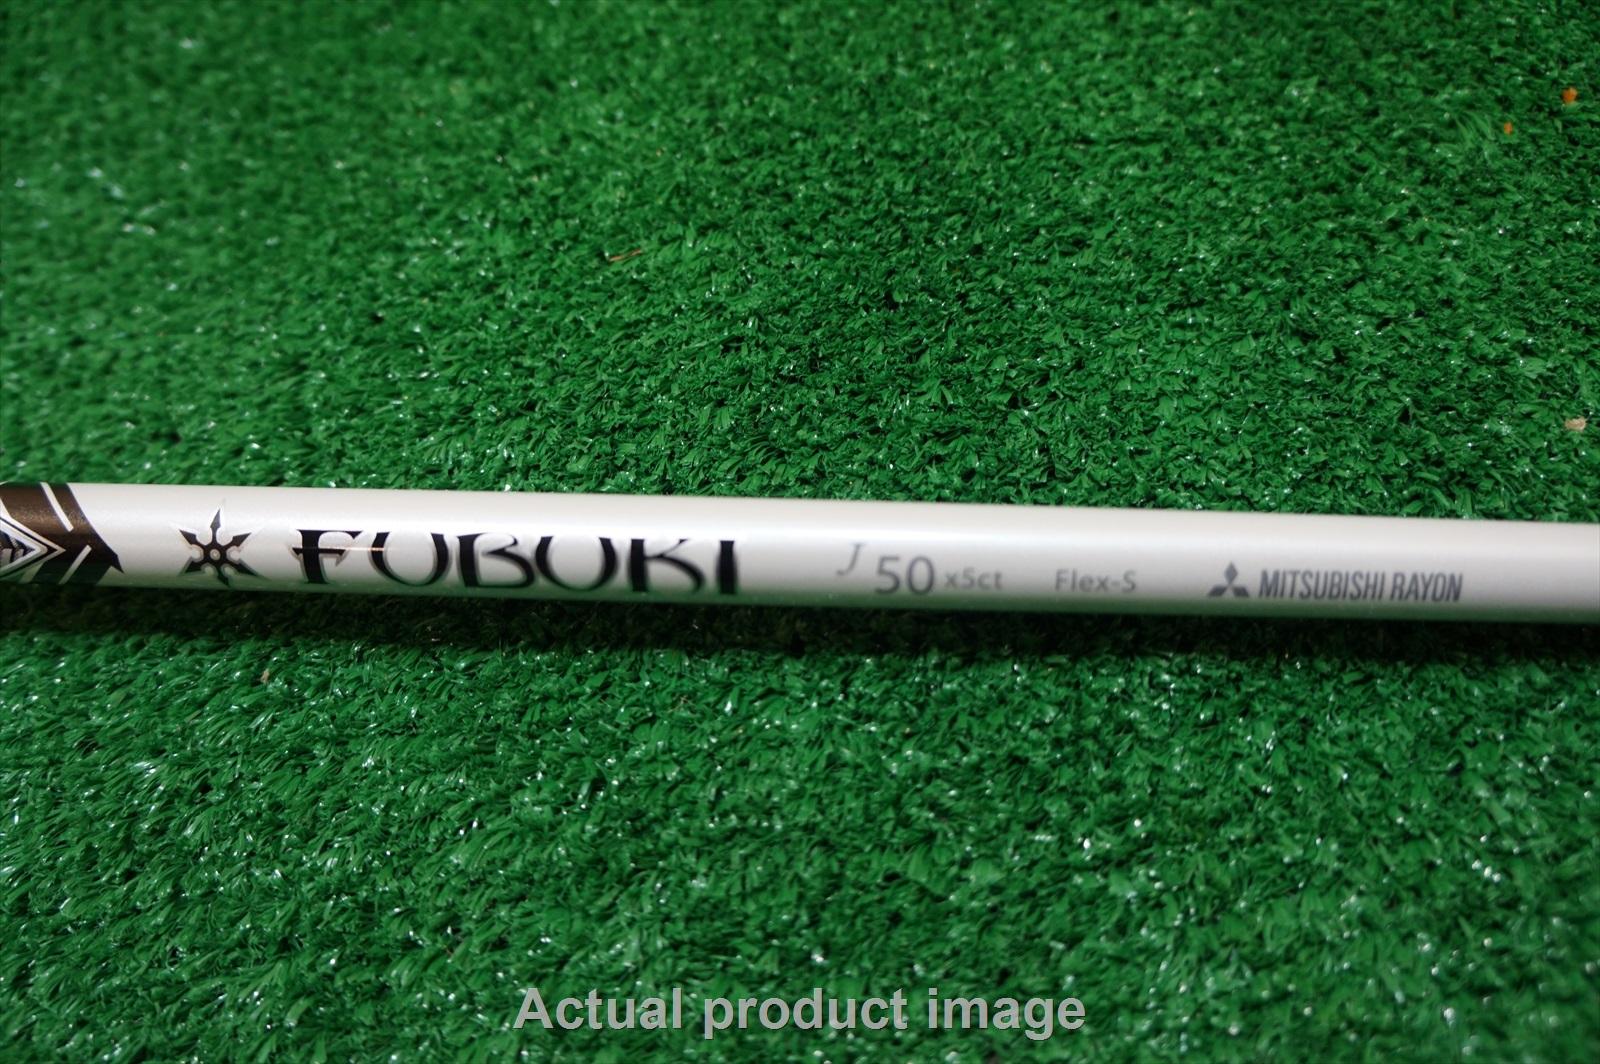 Mitsubishi Fubuki J 50 Rigide Wood Shaft Taylormade .335 42.75 664685-afficher Le Titre D'origine Les Consommateurs D'Abord